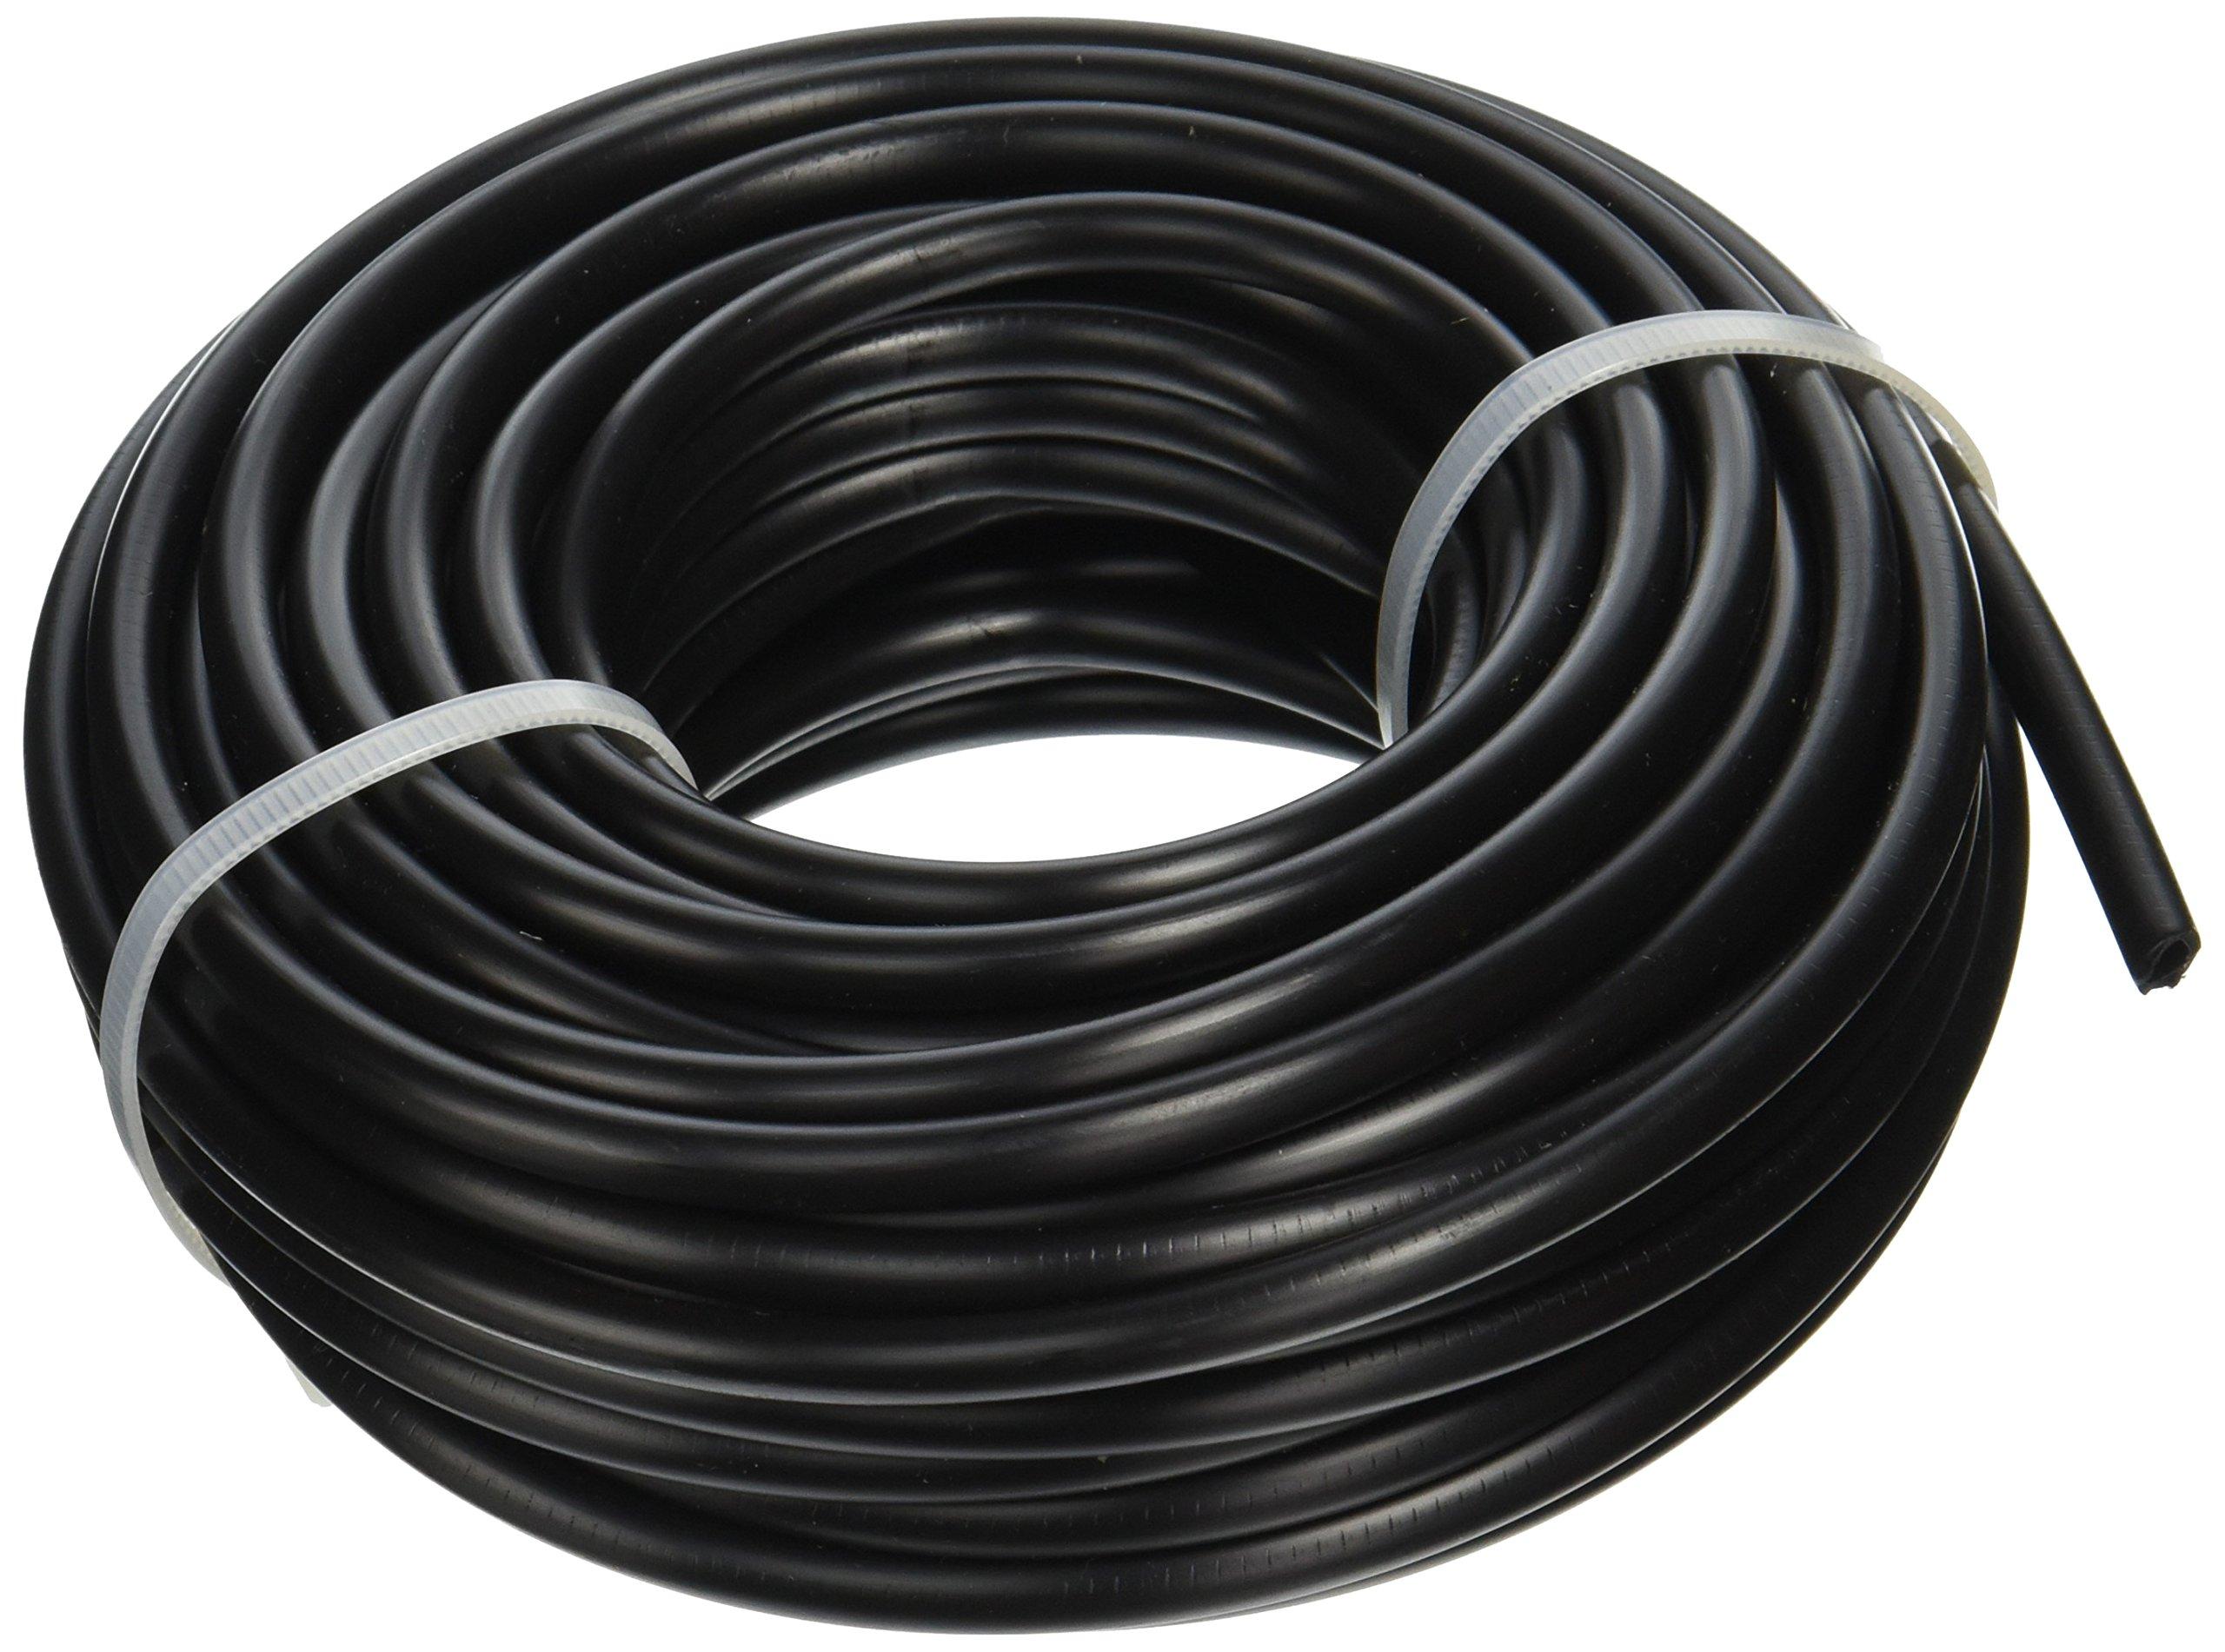 Dig B38P 1/4'' x 50' Poly Black MicroTubing